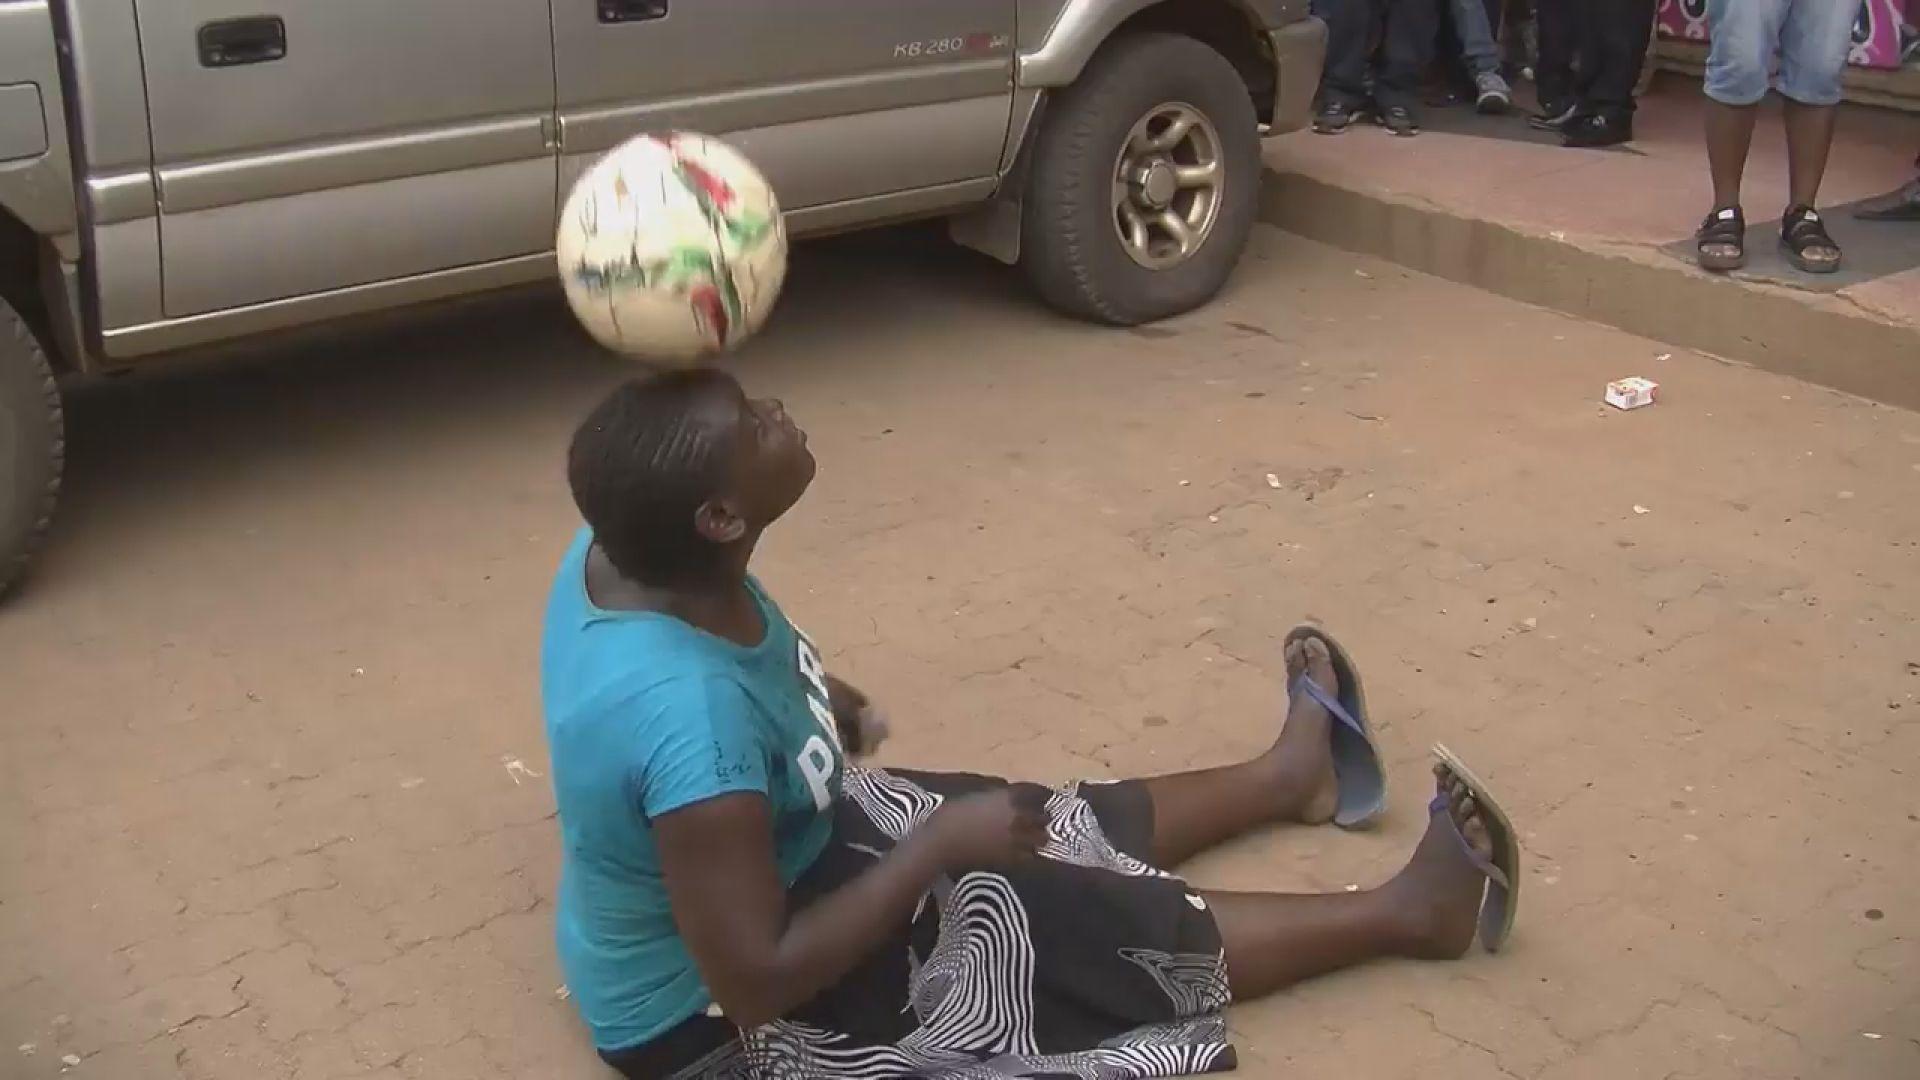 Futbol Topuyla Yaptığı Hareketlerle Donald Trump'ı Bile Etkilemeyi Başaran Afrikalı Kadın